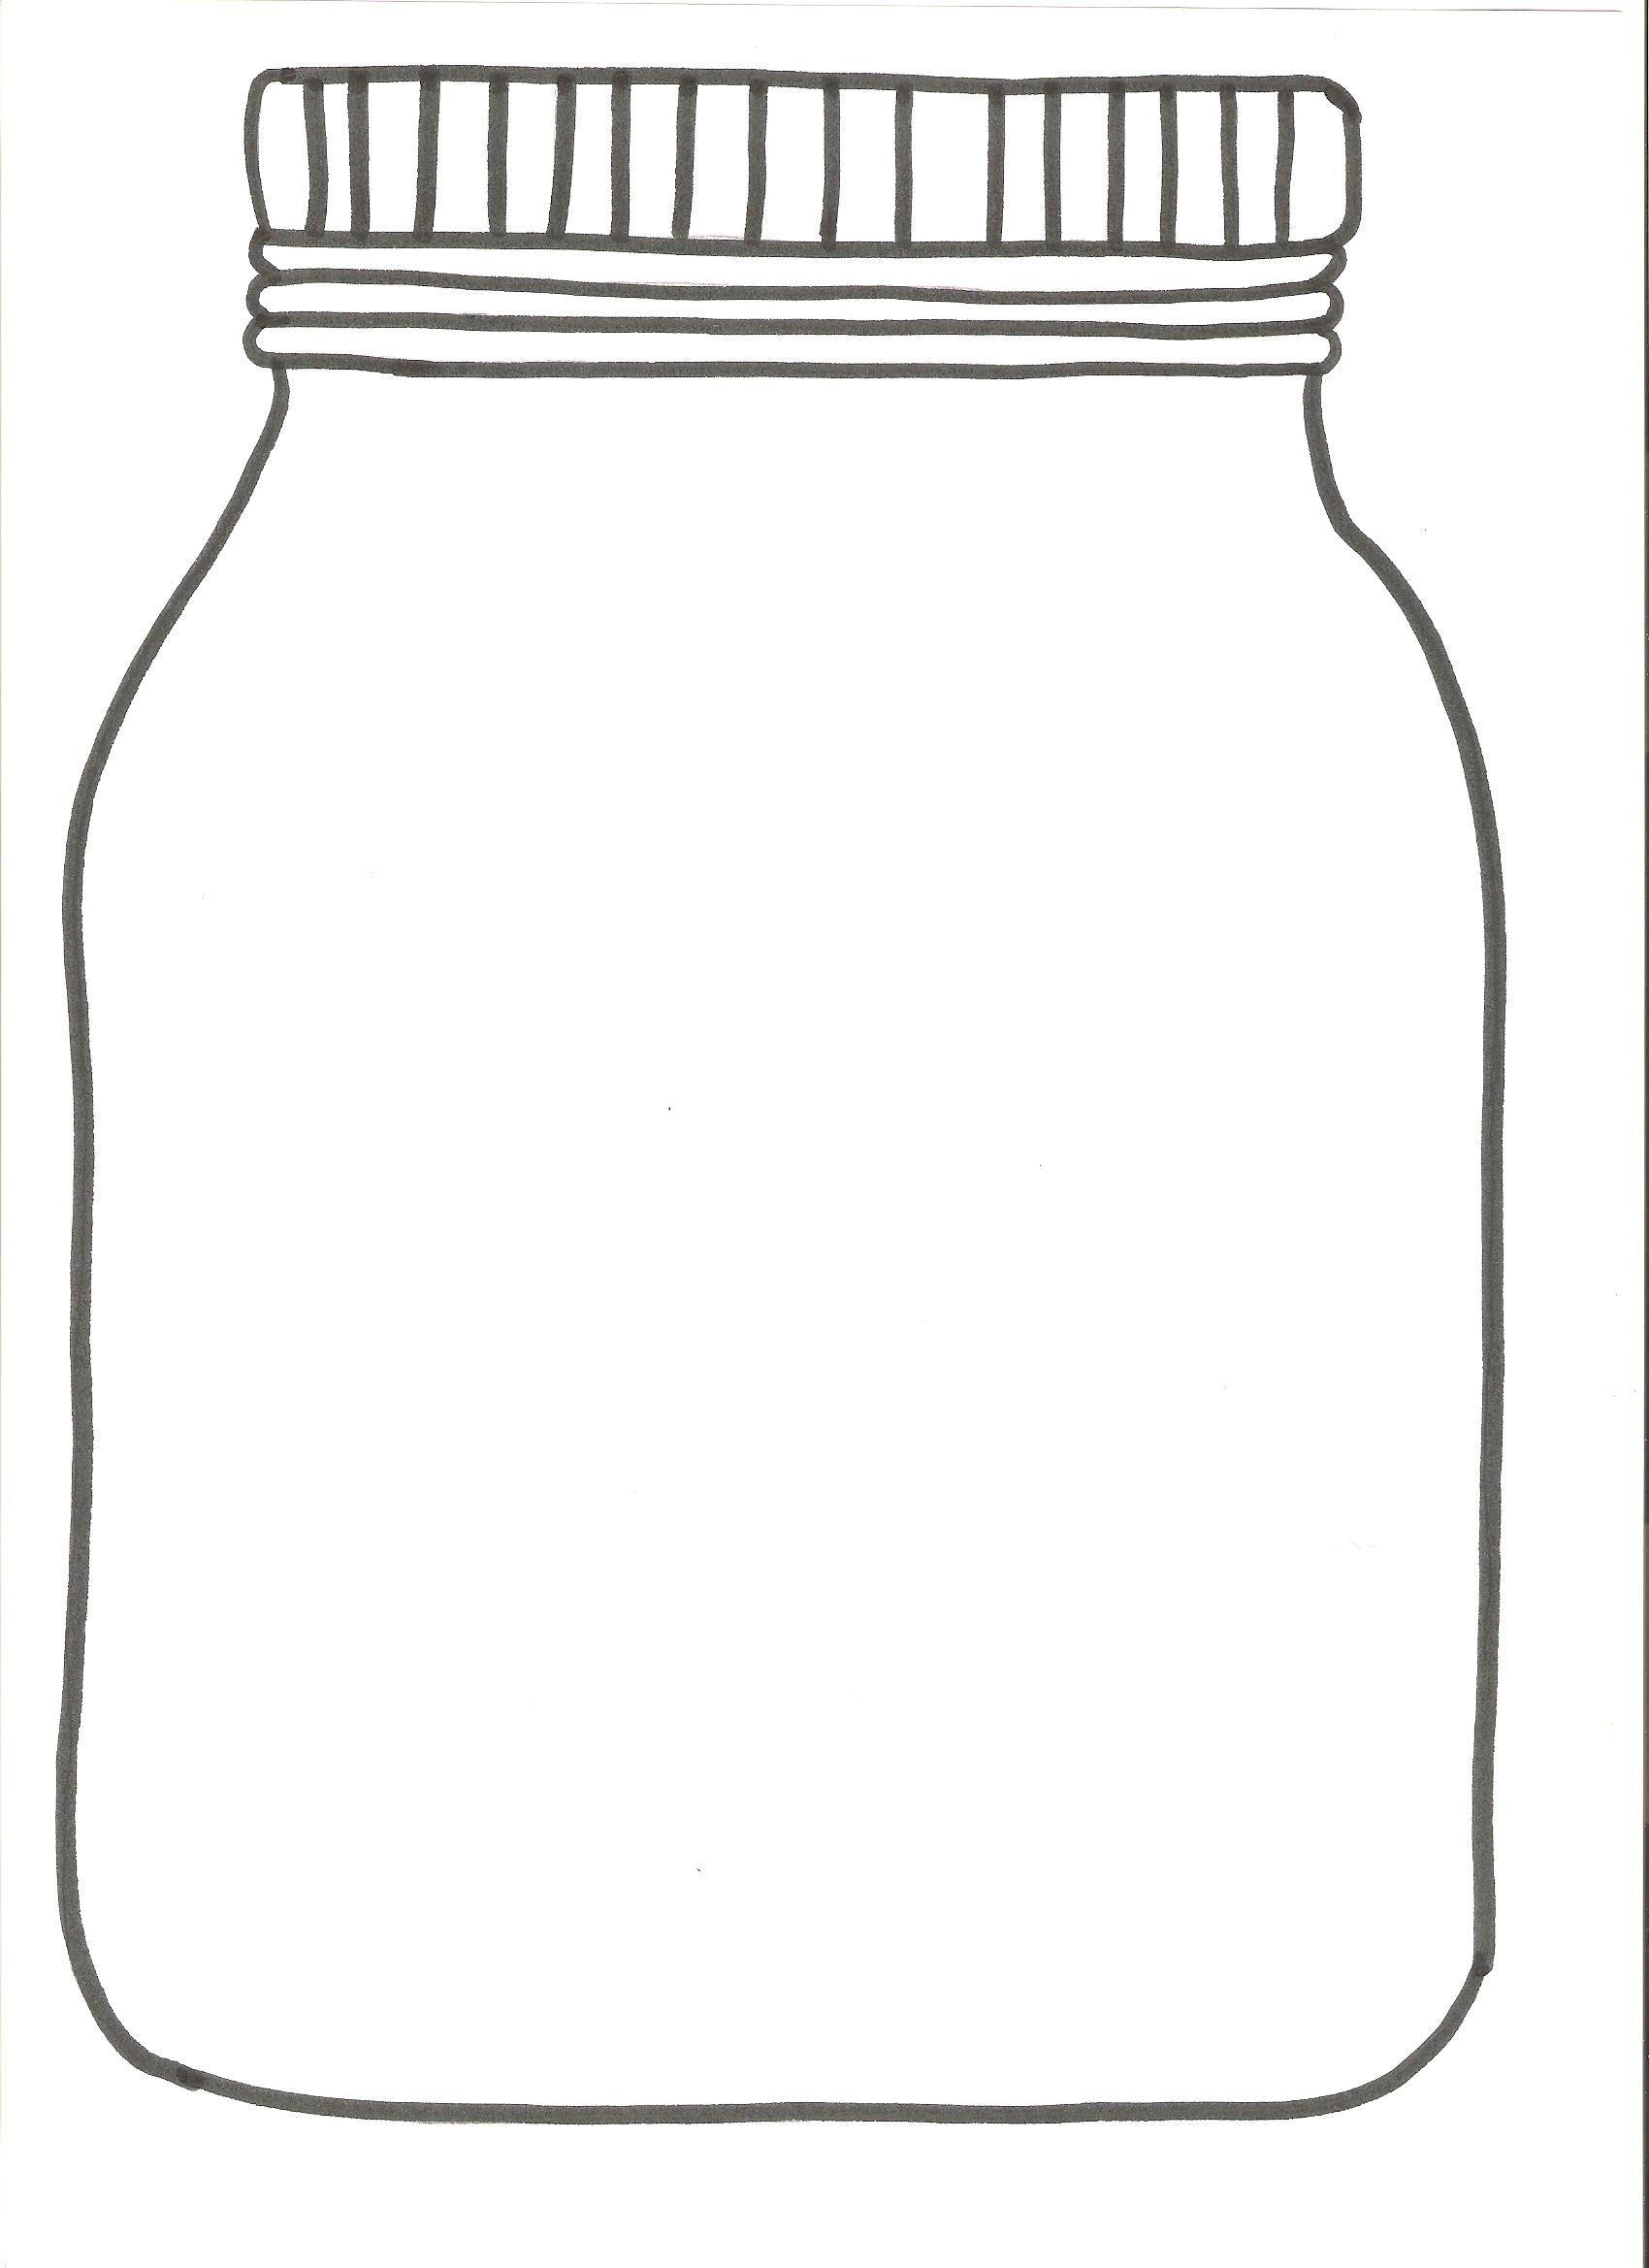 Открытка баночка шаблон, открытка днем рождения